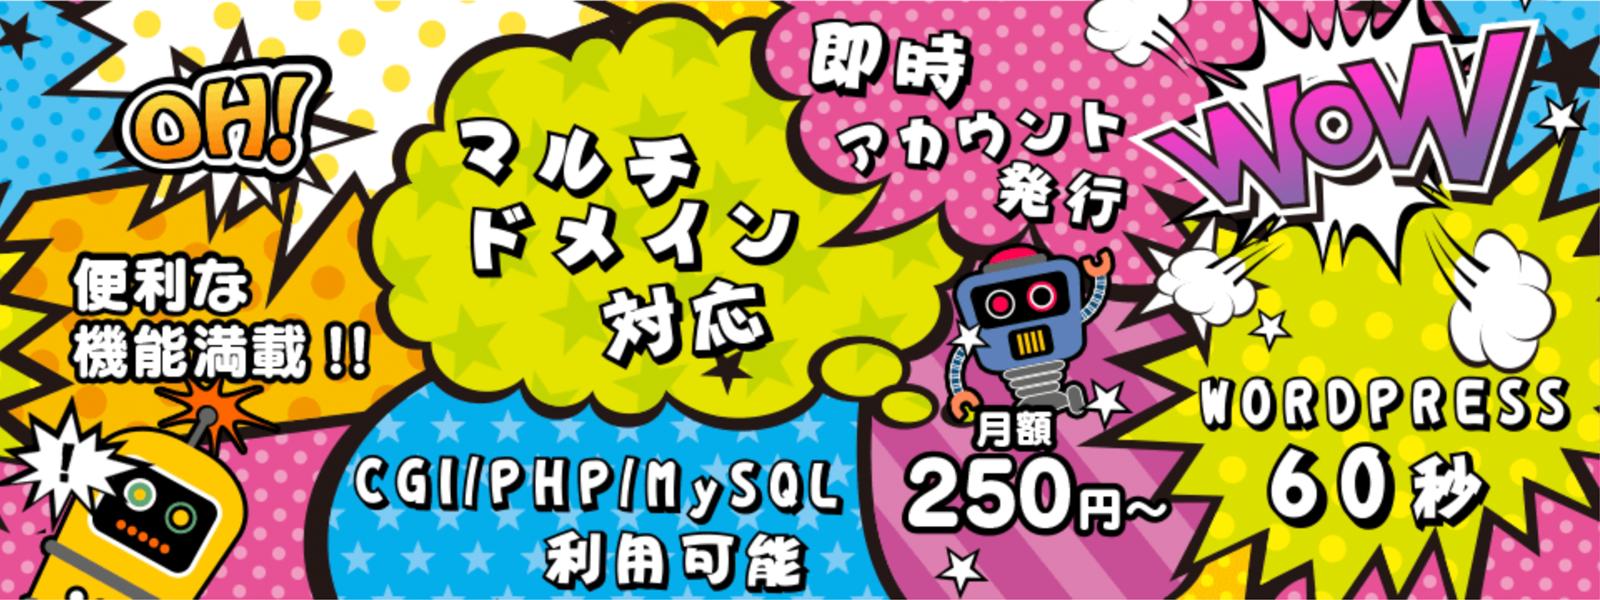 アダルトサイト利用可でこの価格!minipop